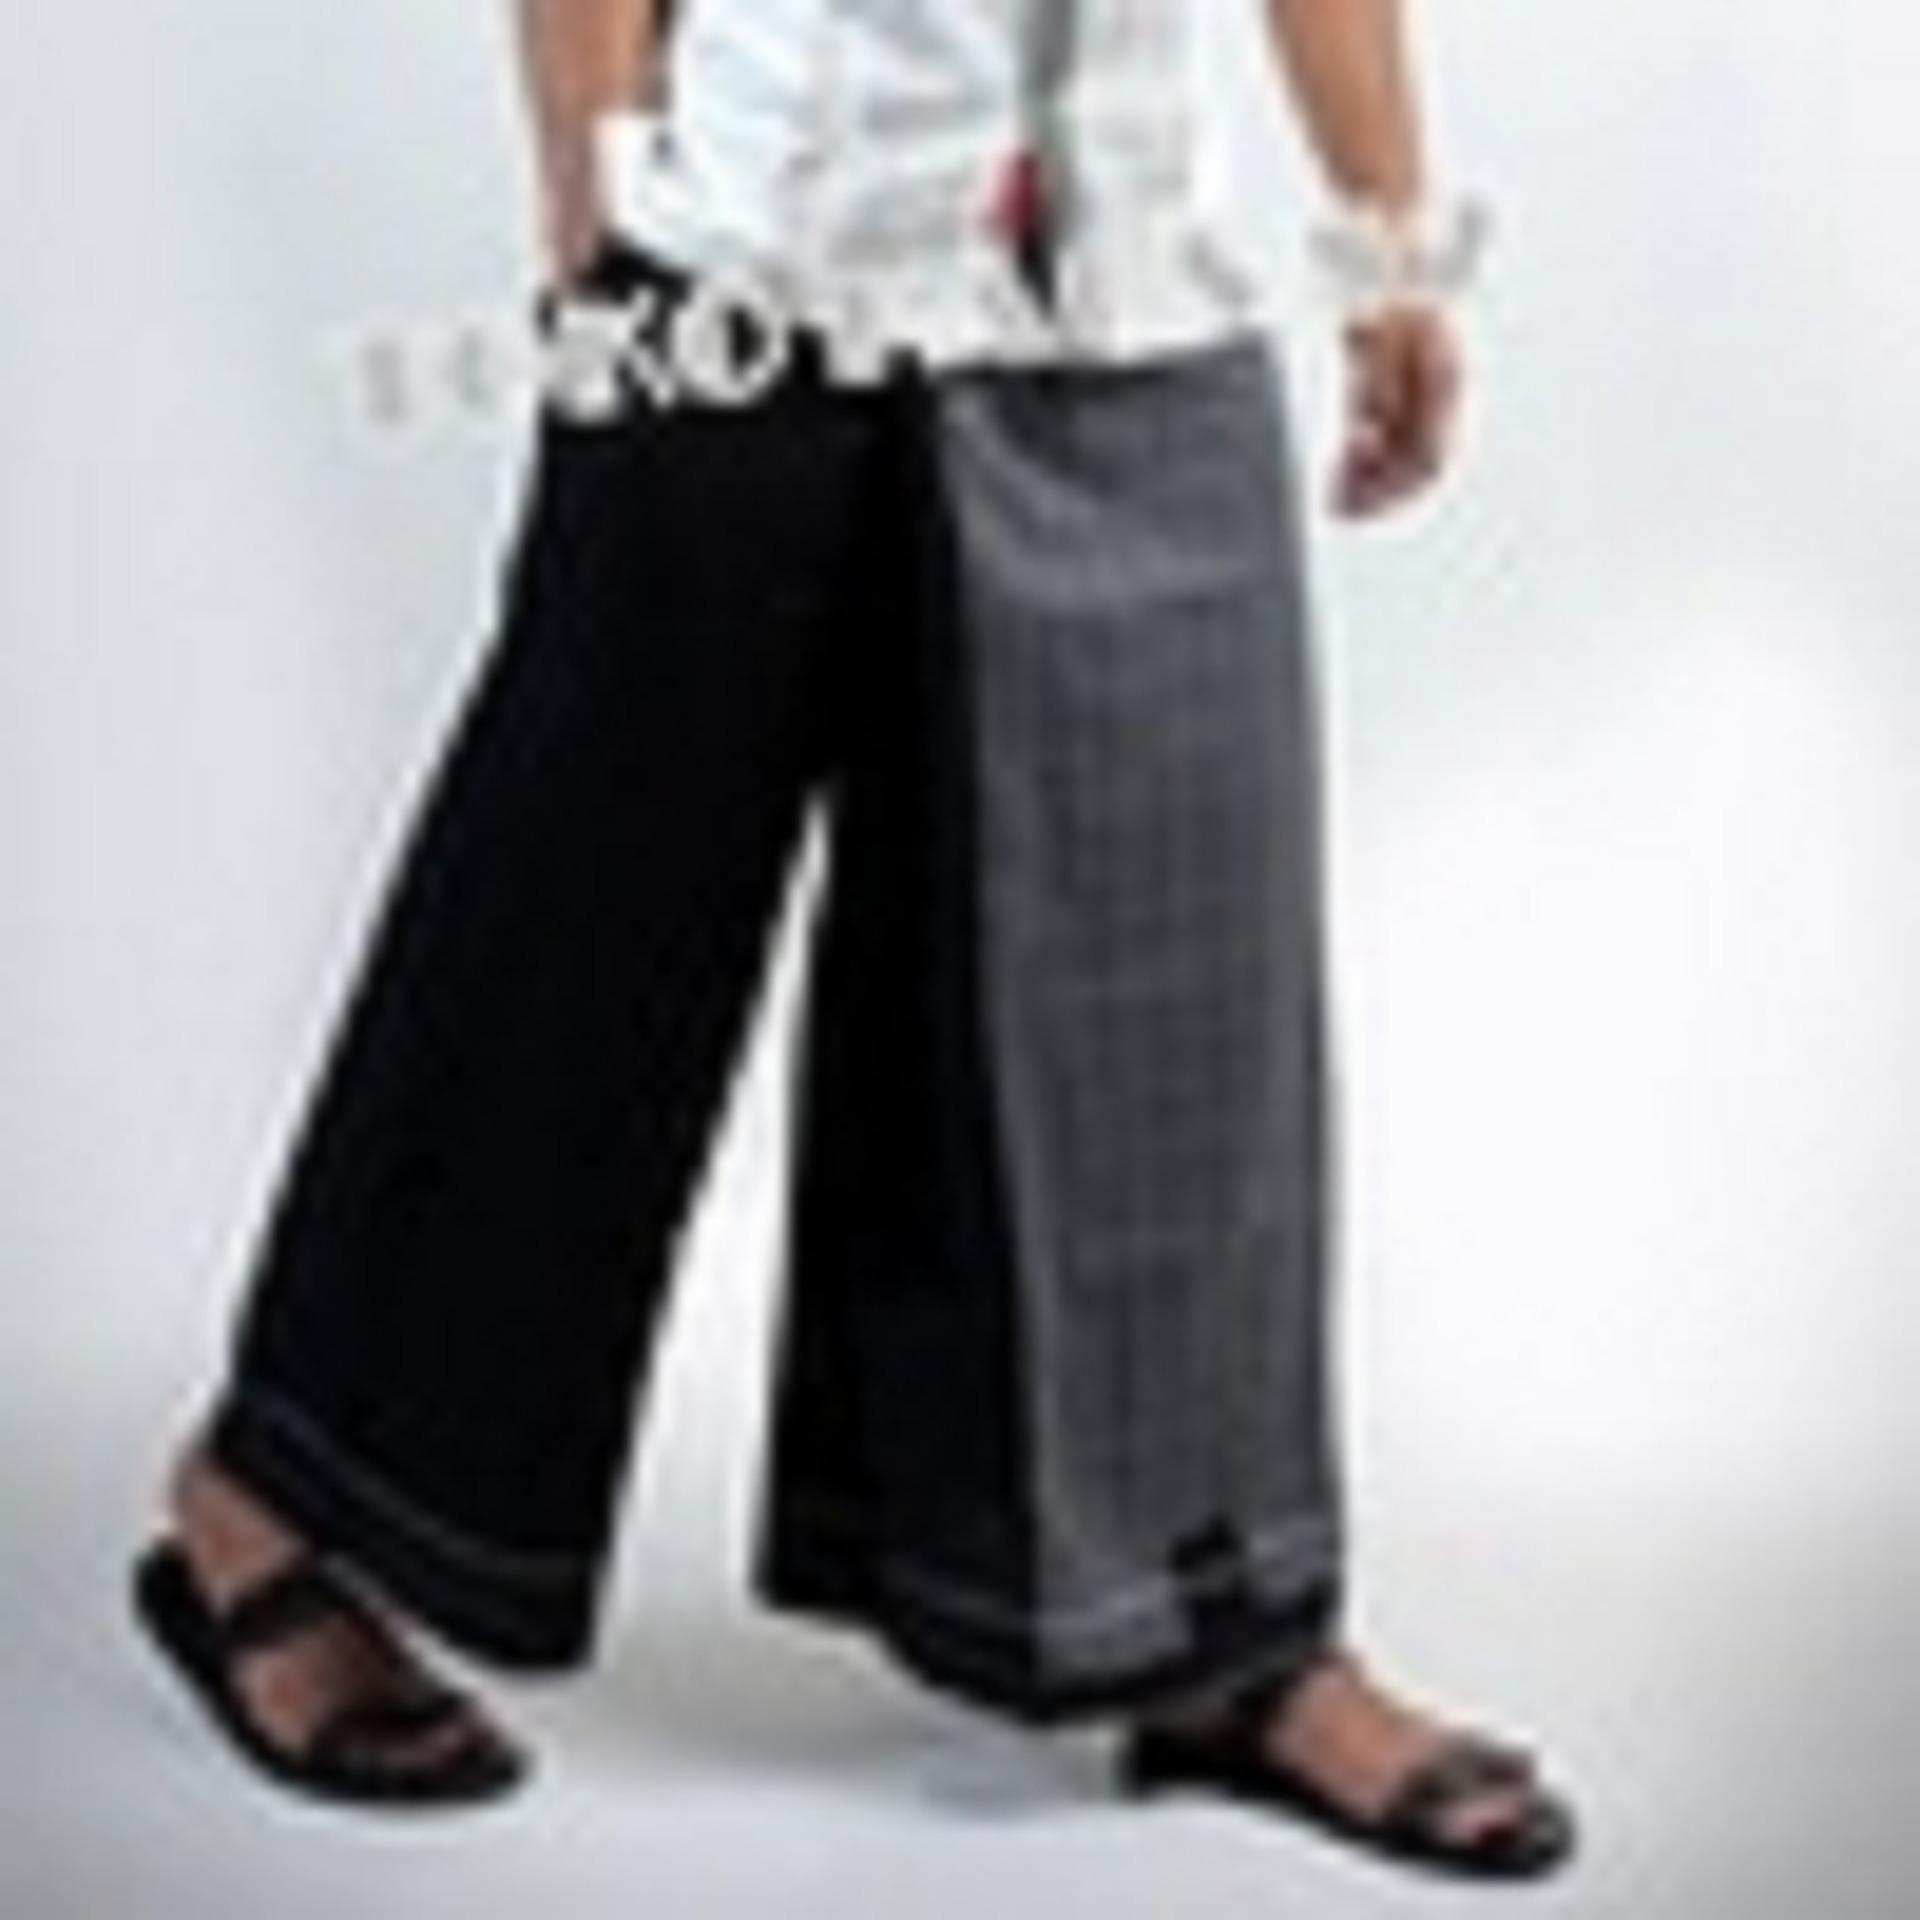 Harga Sarung Celana Celana Sarung Sarung Celana Motif Case Original